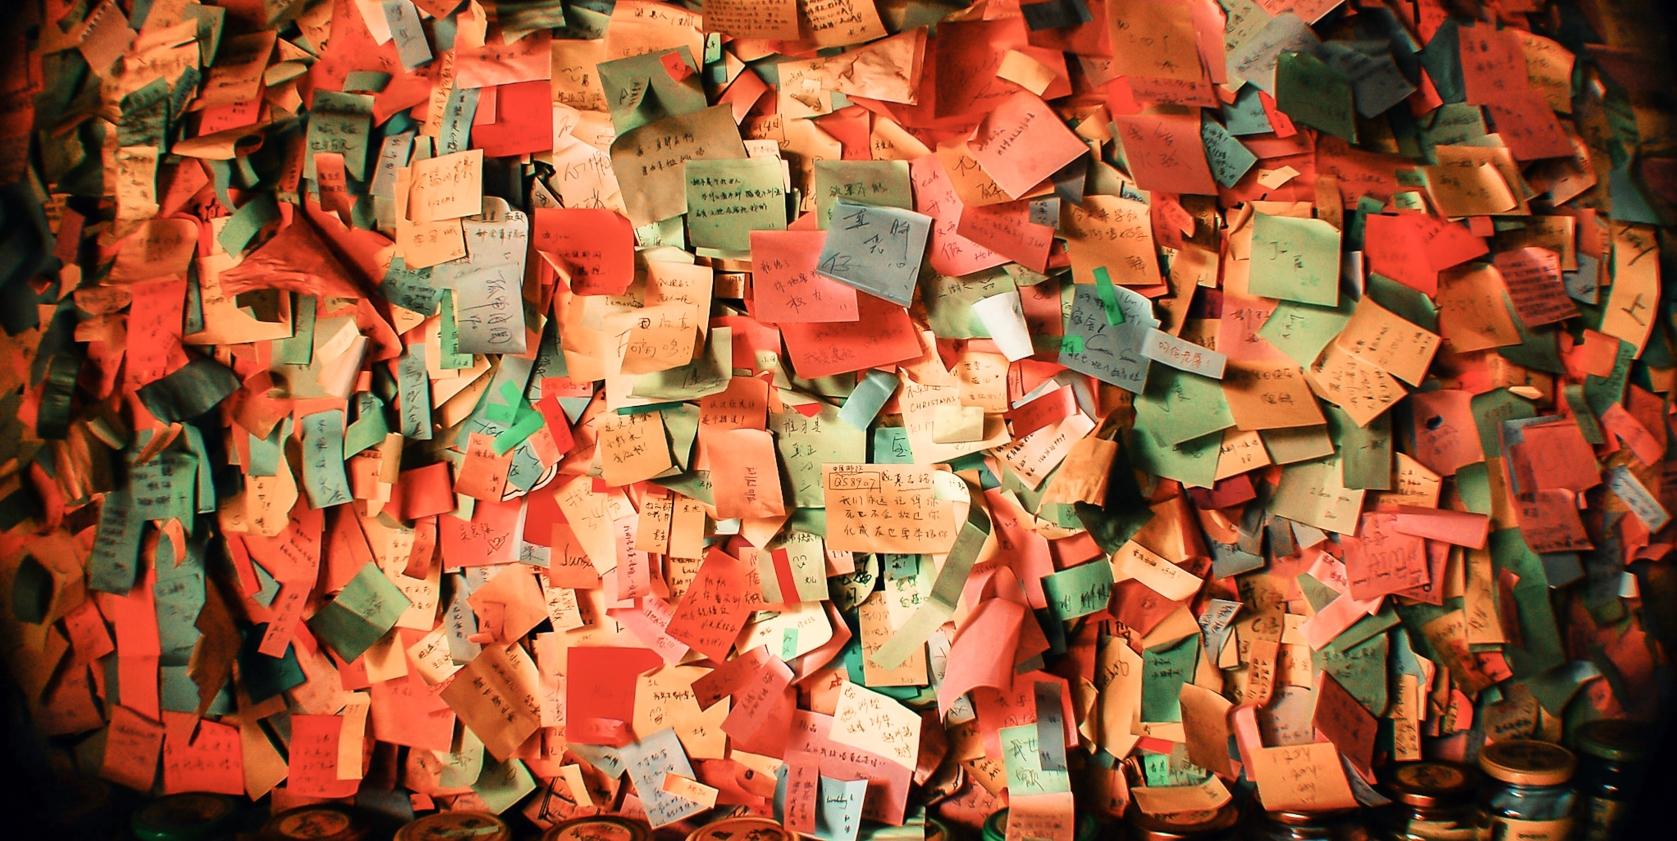 Wall of many, many post its